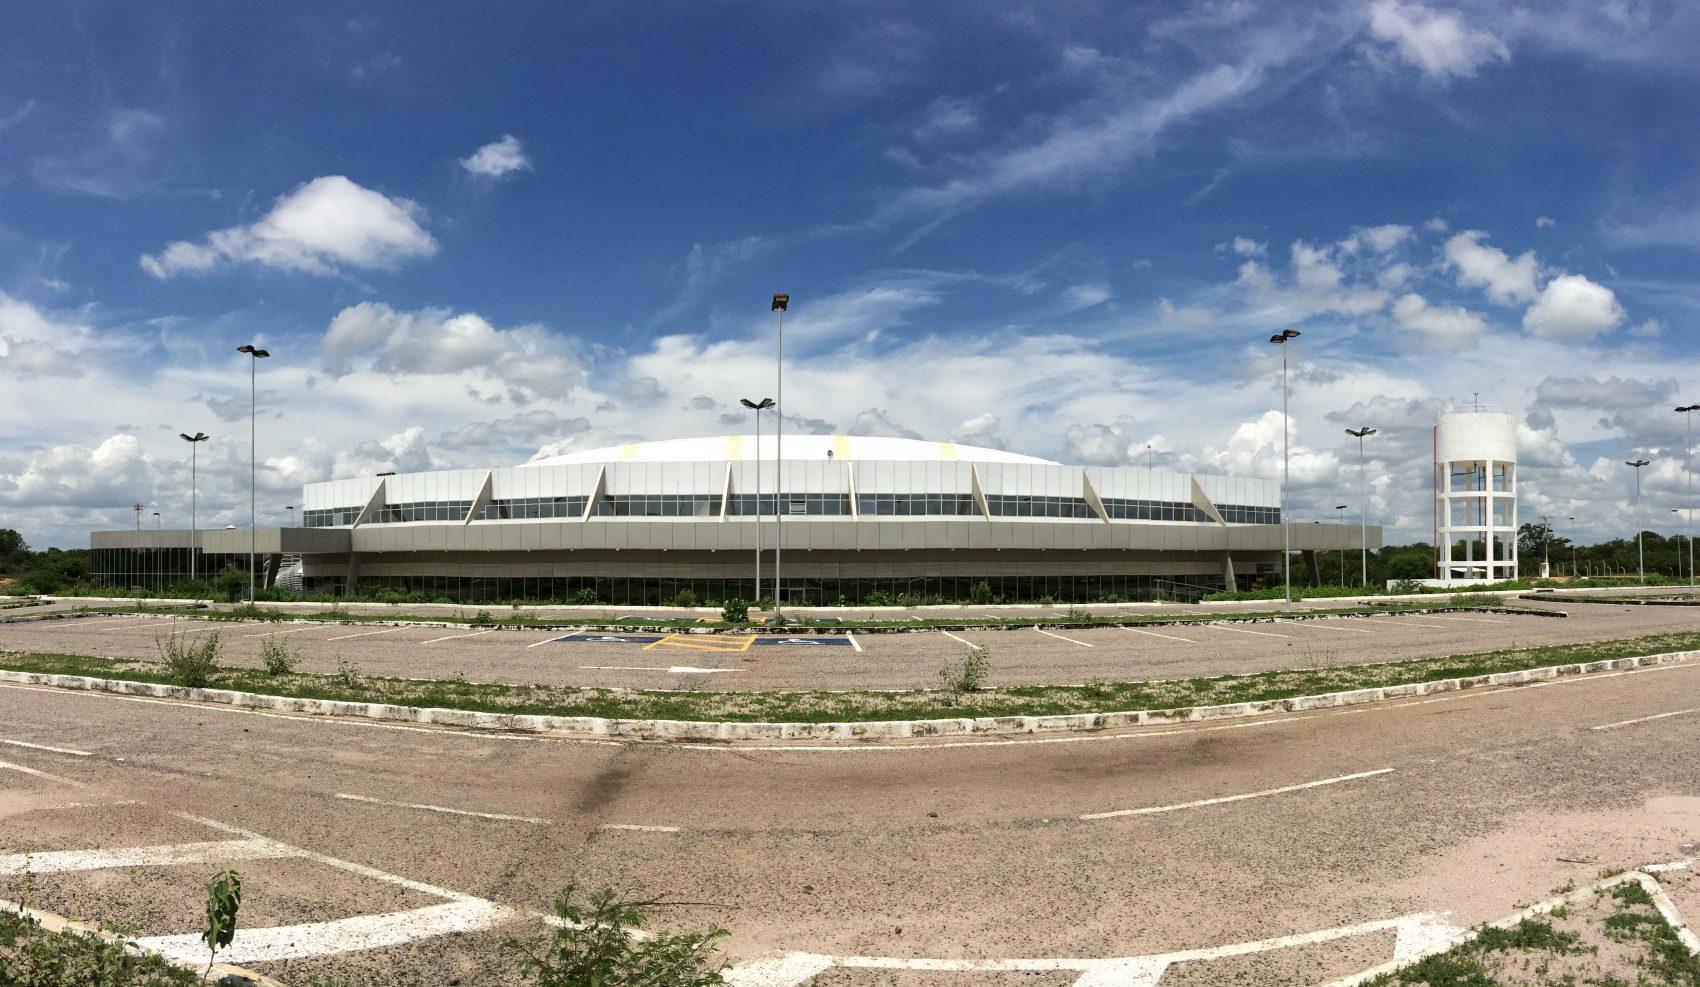 Aeroporto Serra da Capivara, obra de R$ 22 milhões até hoje sem voos comerciais: problemas de infraestrutura se estendem à rede hoteleira precária (Foto: Eduardo Carvalho)